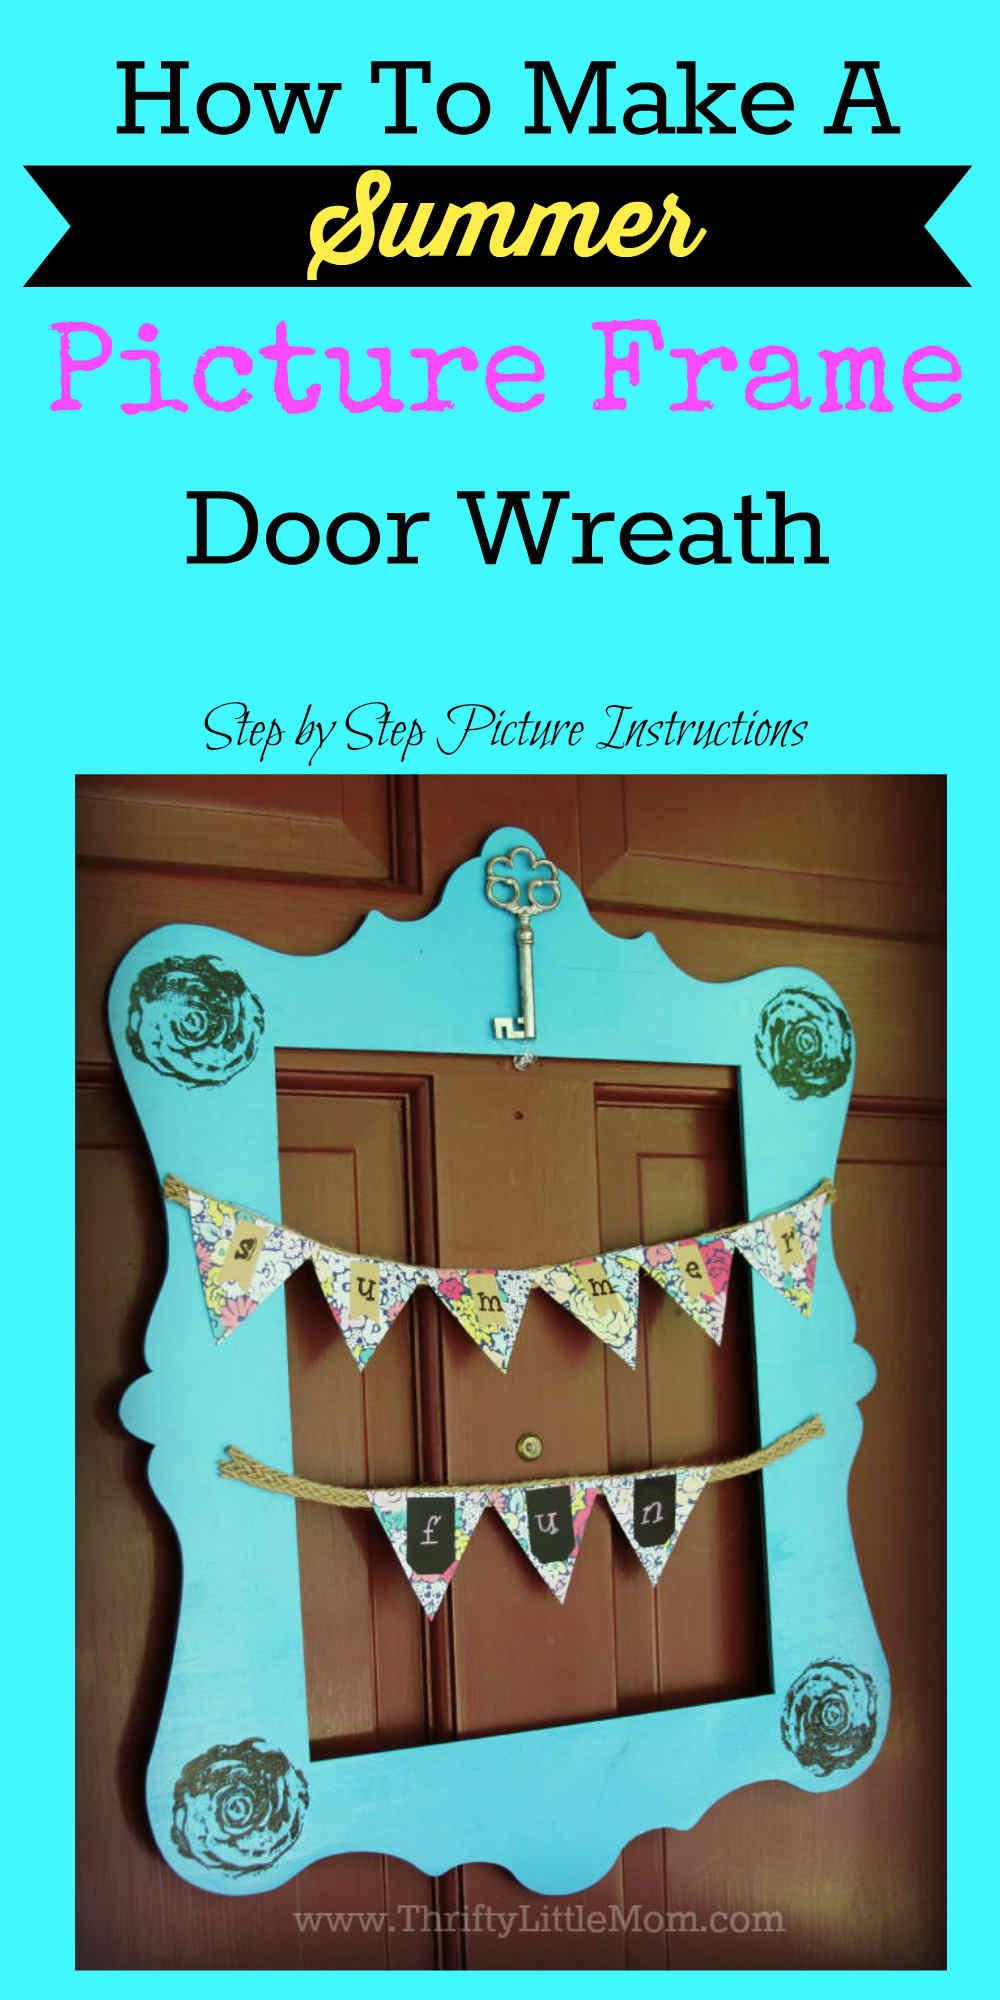 Picture Frame Door Wreath Pinterest